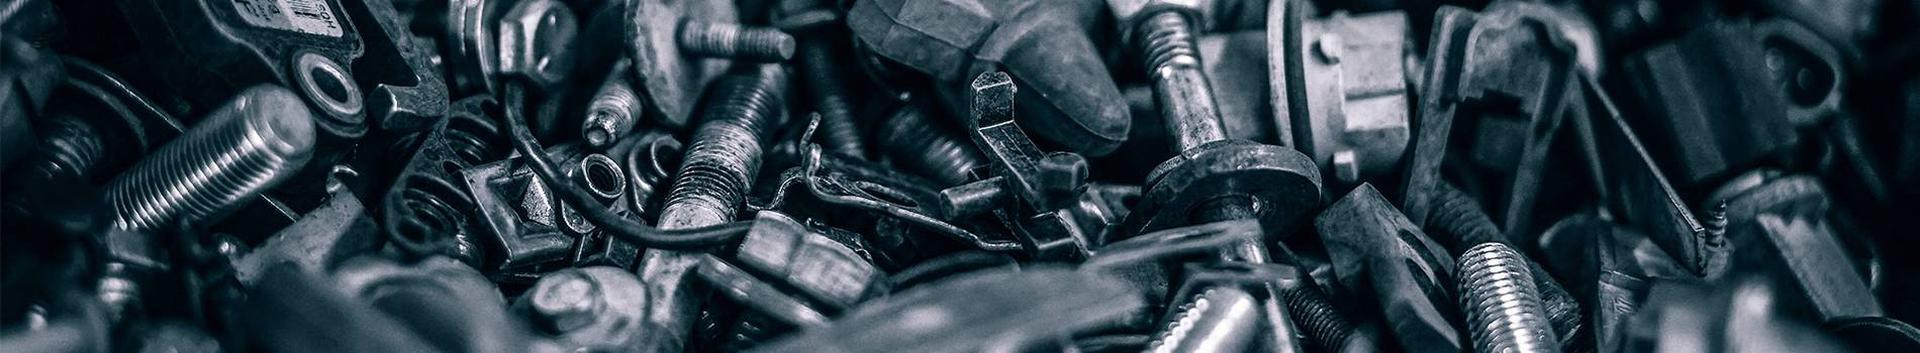 33191_muude-seadmete-remont_59113699_xl.jpg